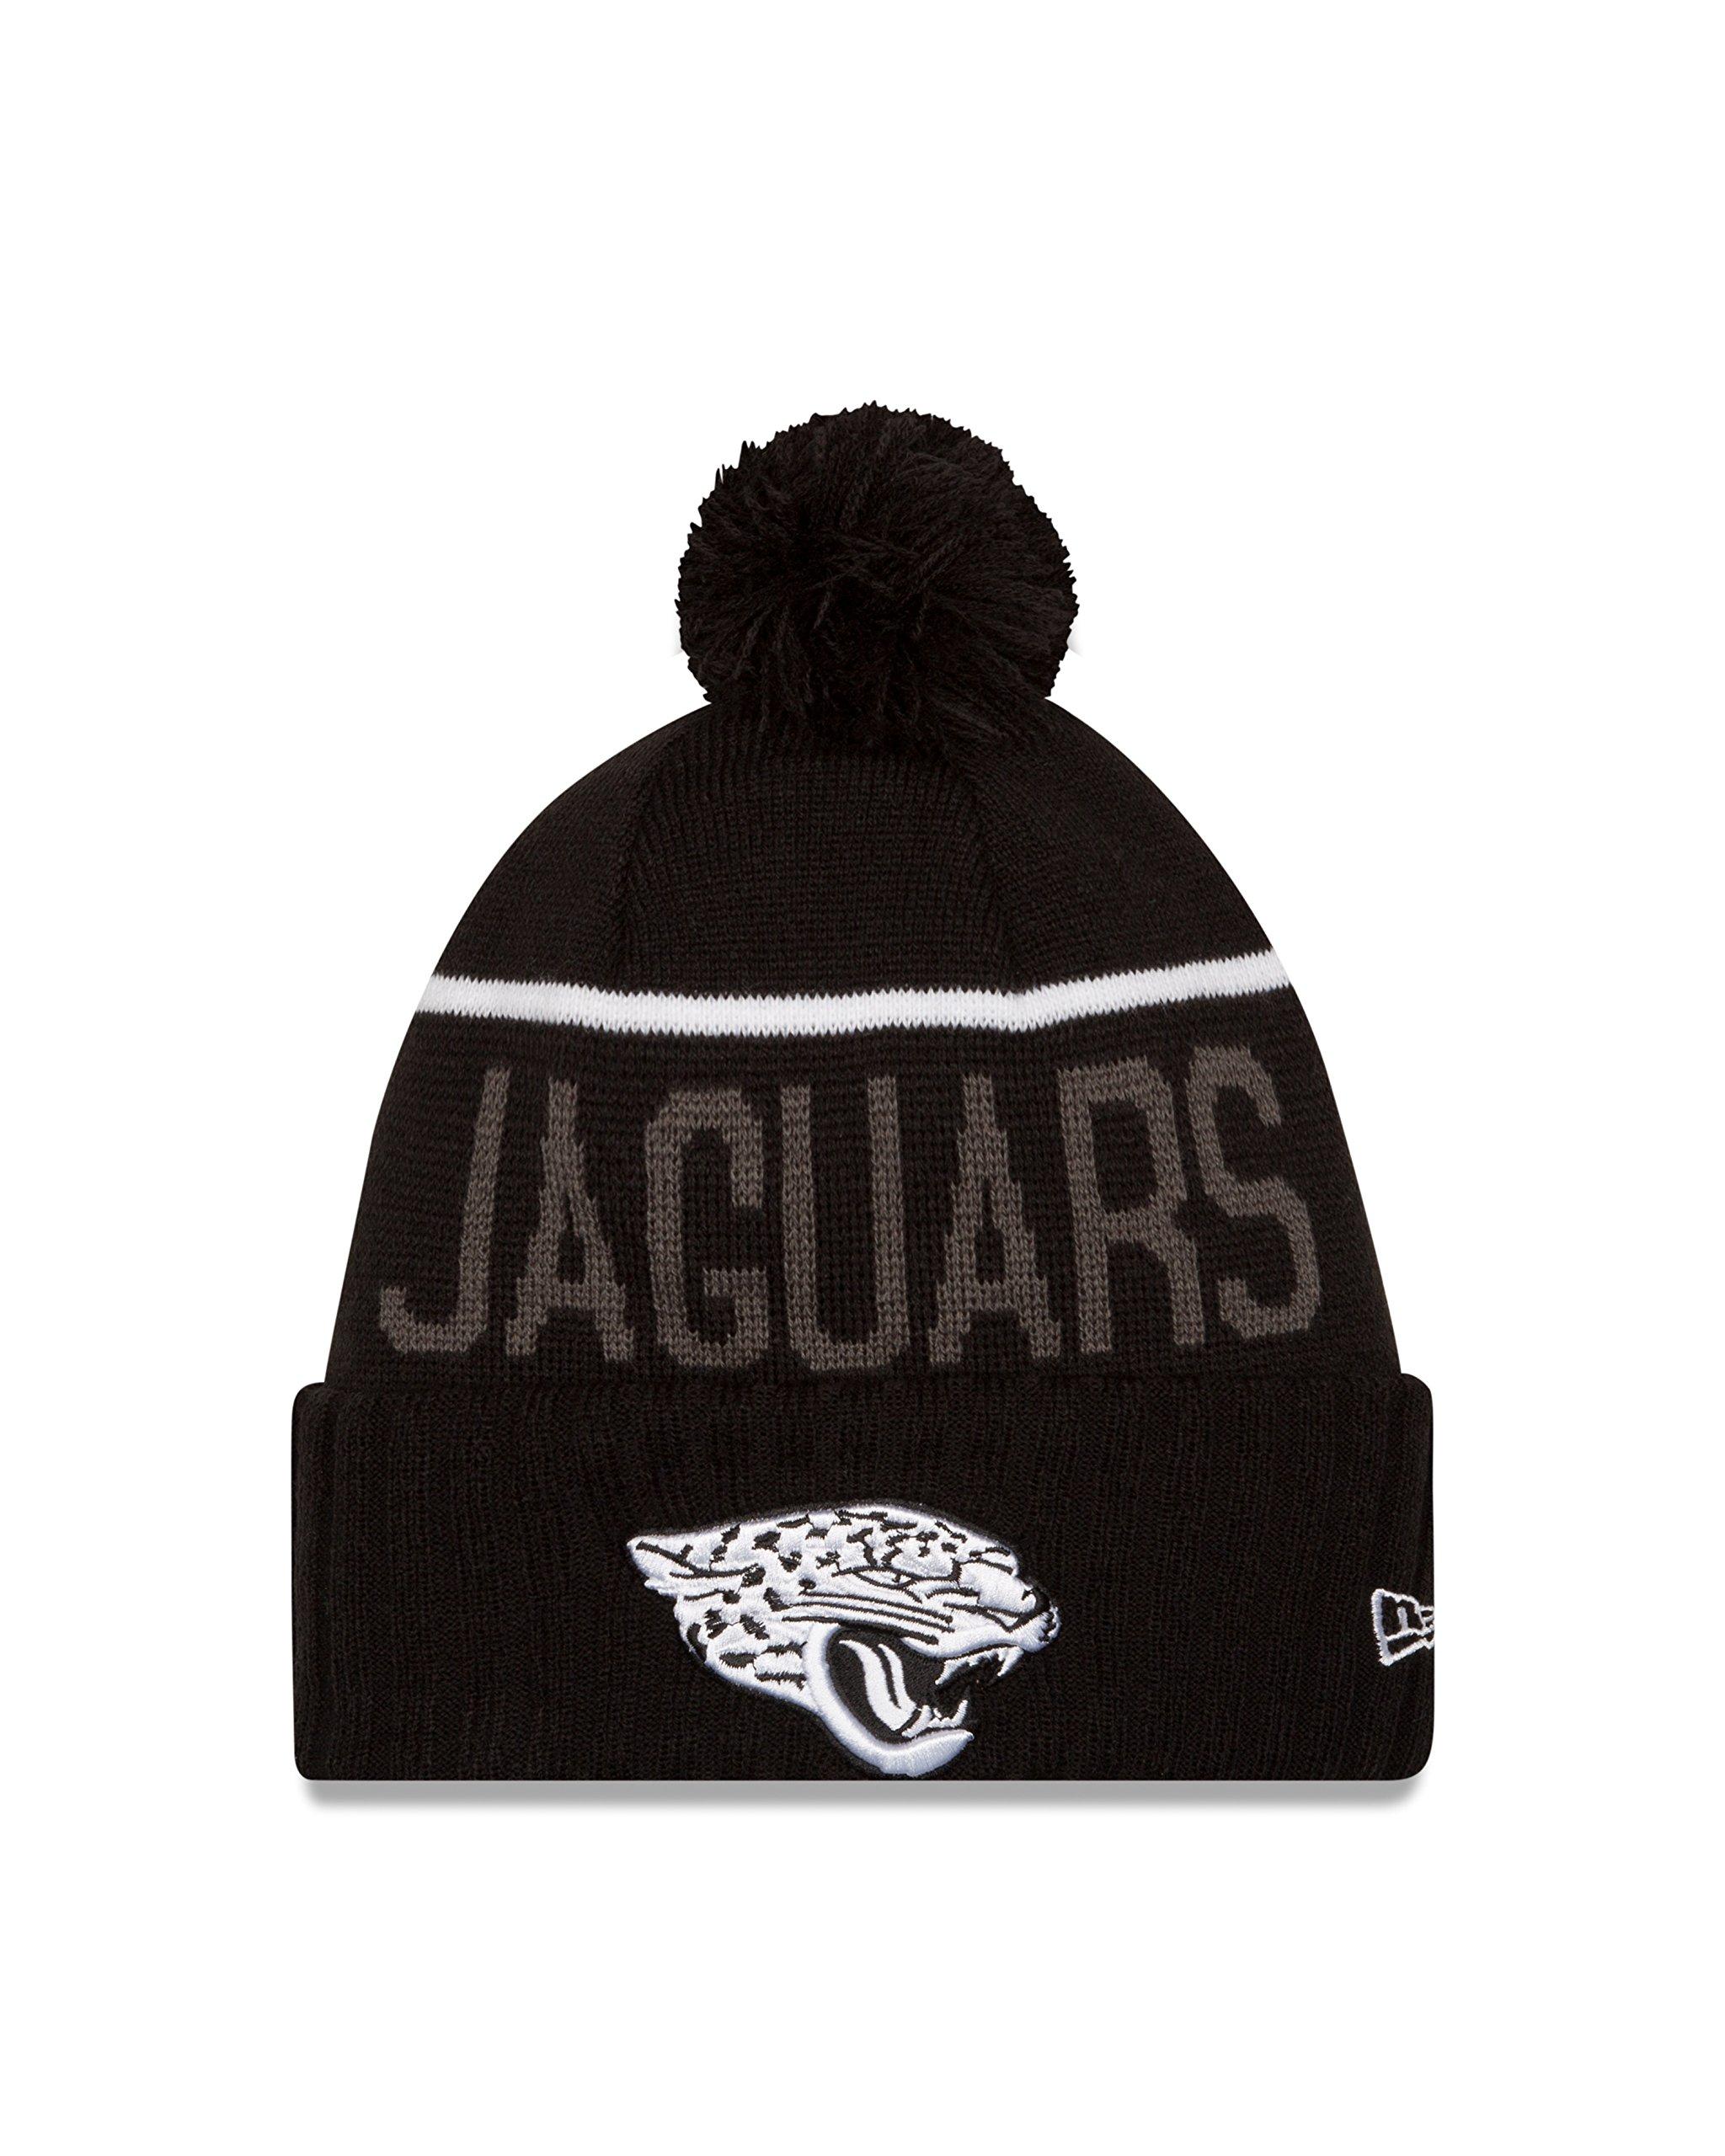 NFL Jacksonville Jaguars 2015 Sport Knit, Black, One Size